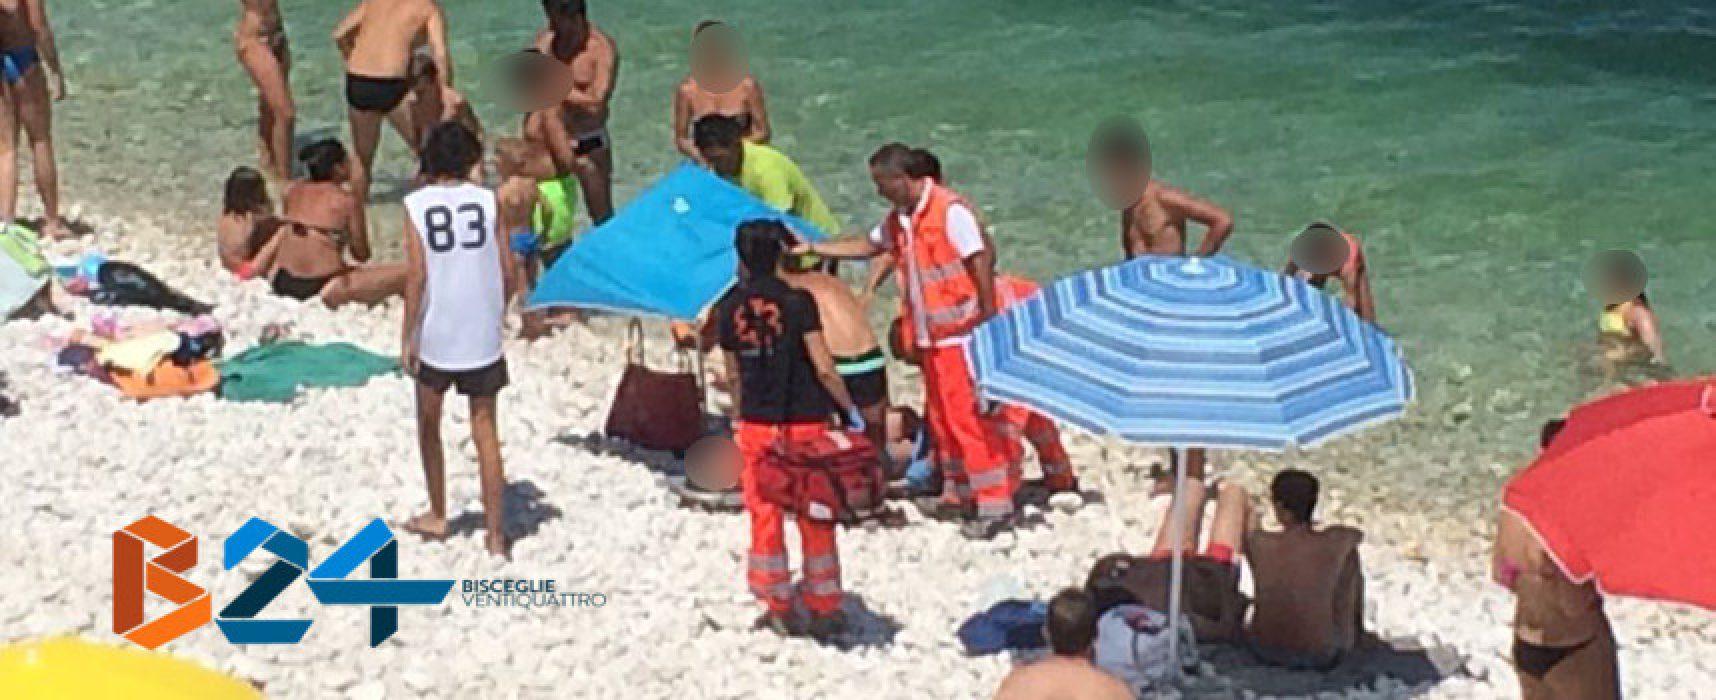 Malore in spiaggia, donna biscegliese finisce al pronto soccorso